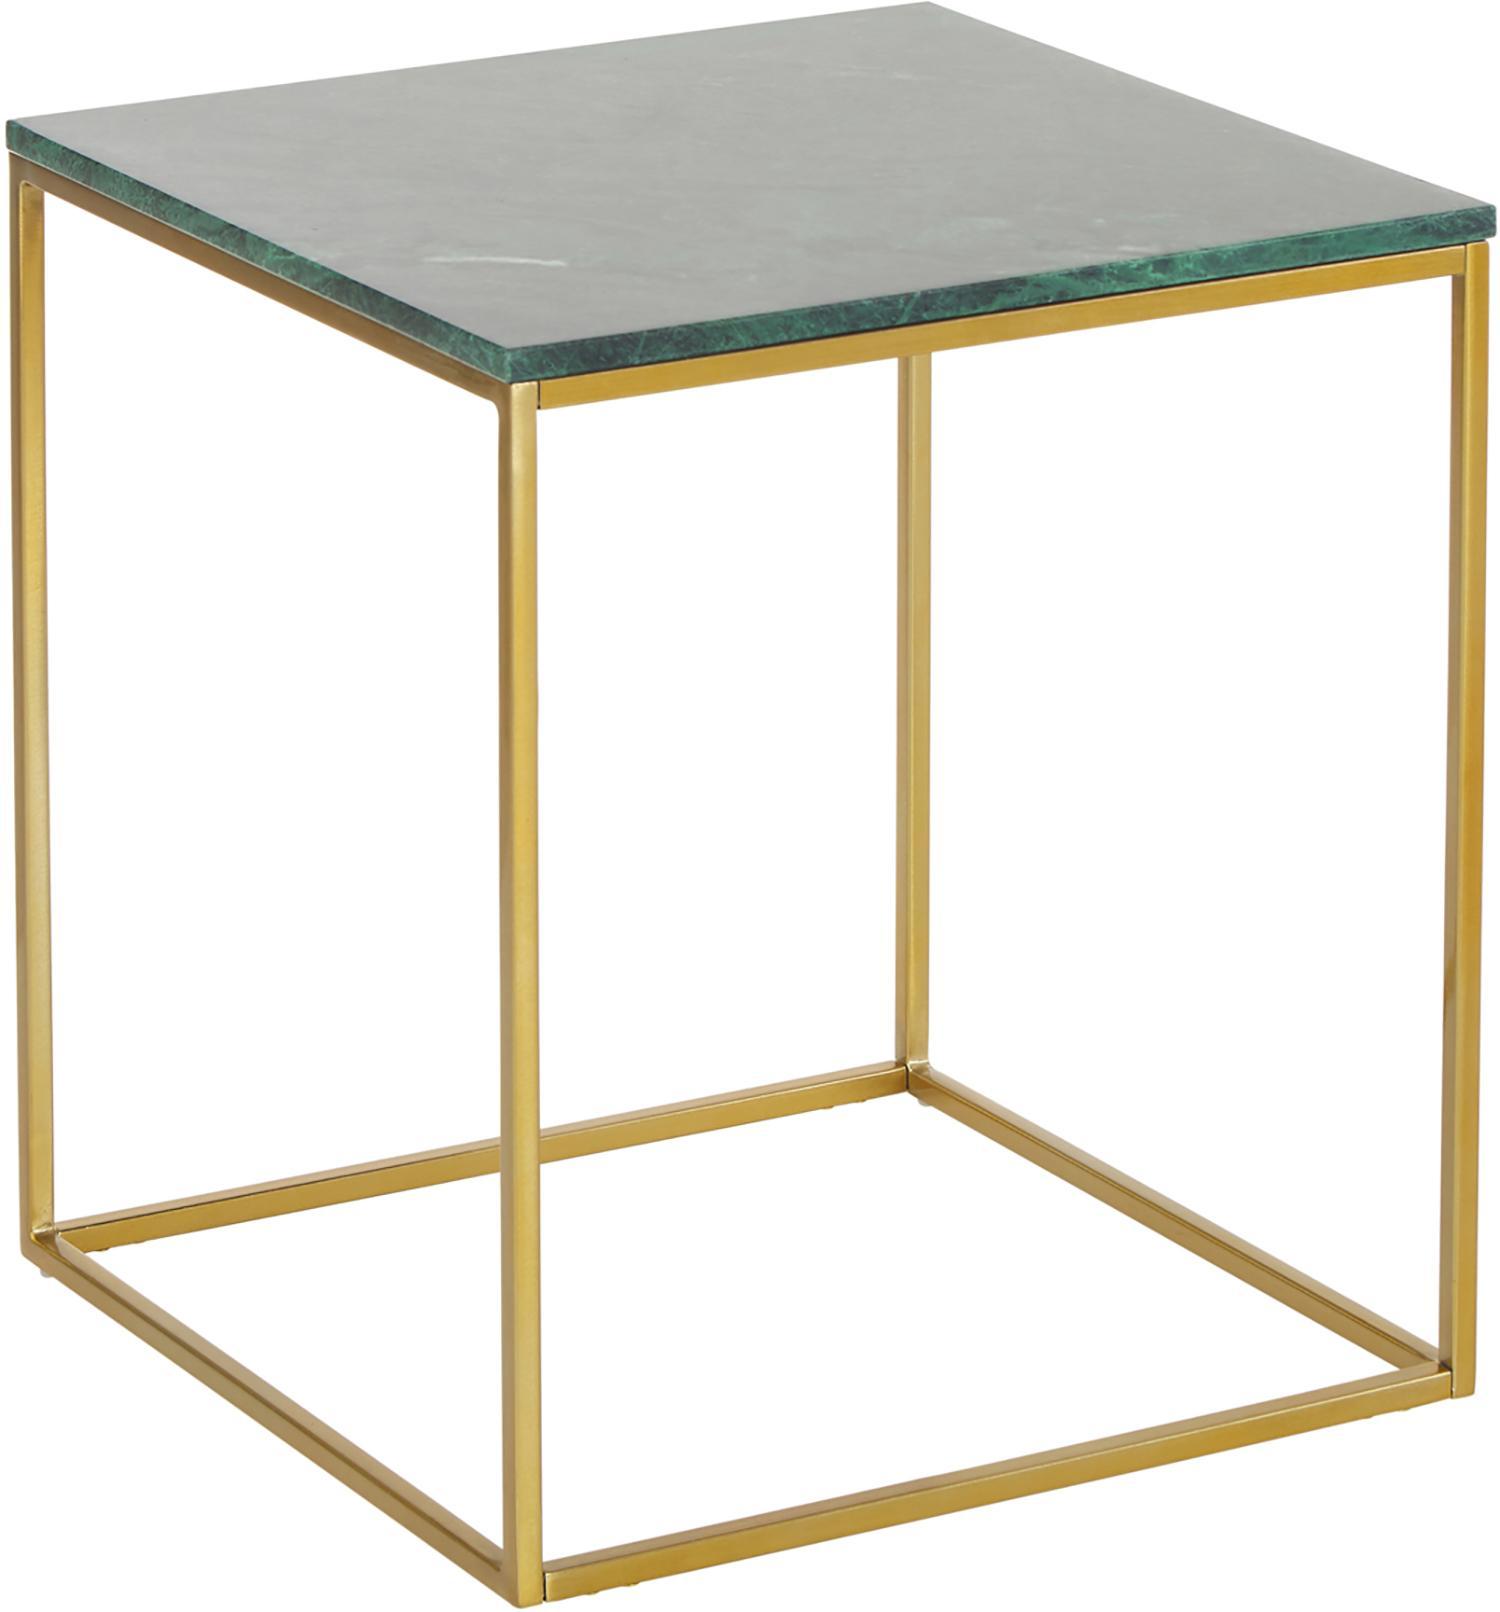 Marmor-Beistelltisch Alys, Tischplatte: Marmor, Gestell: Metall, pulverbeschichtet, Tischplatte: Grüner Marmor Gestell: Goldfarben, glänzend, 45 x 50 cm